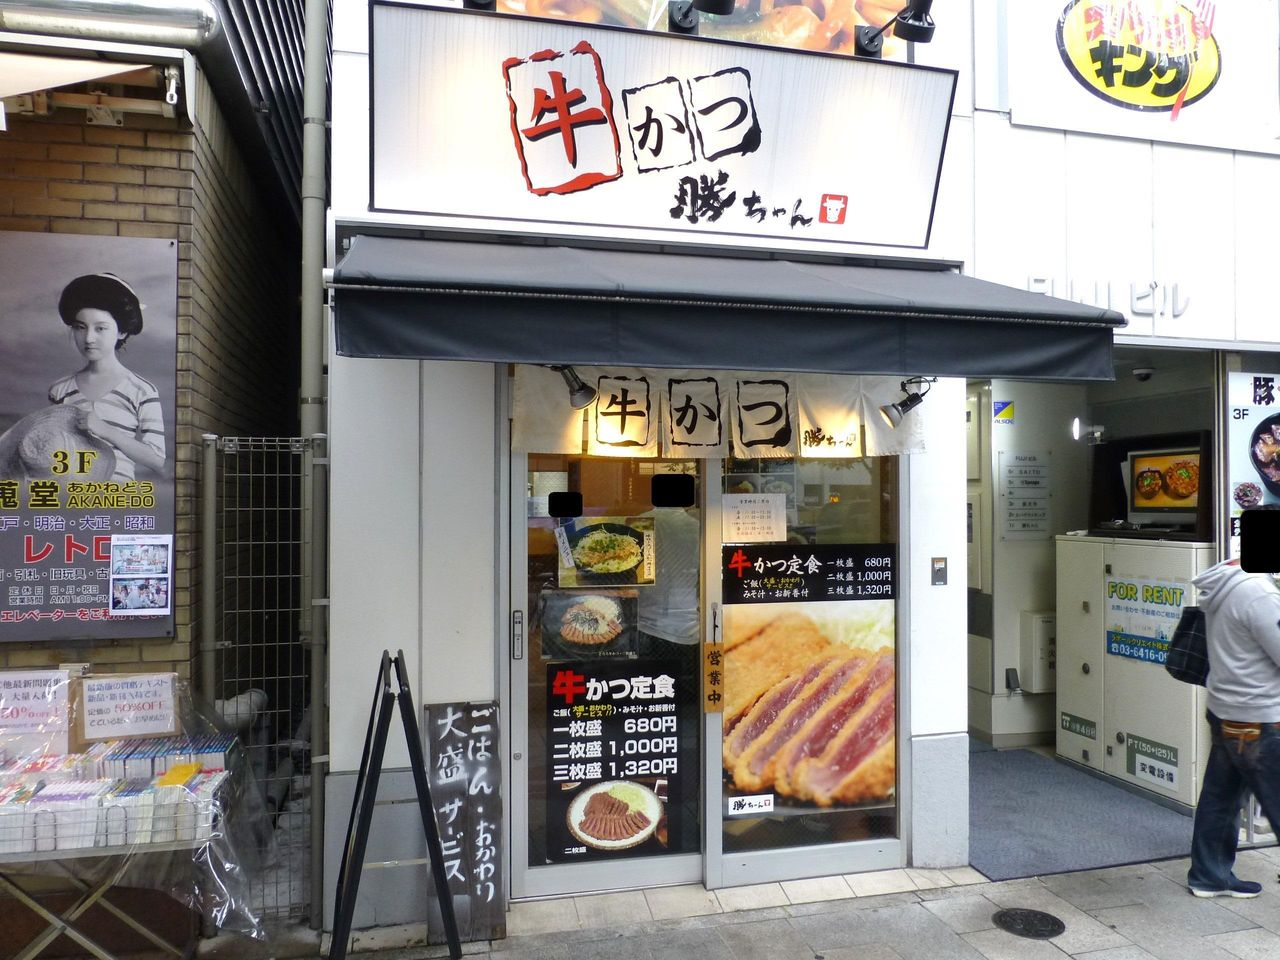 神保町駅から徒歩1分、牛かつ勝ちゃん!